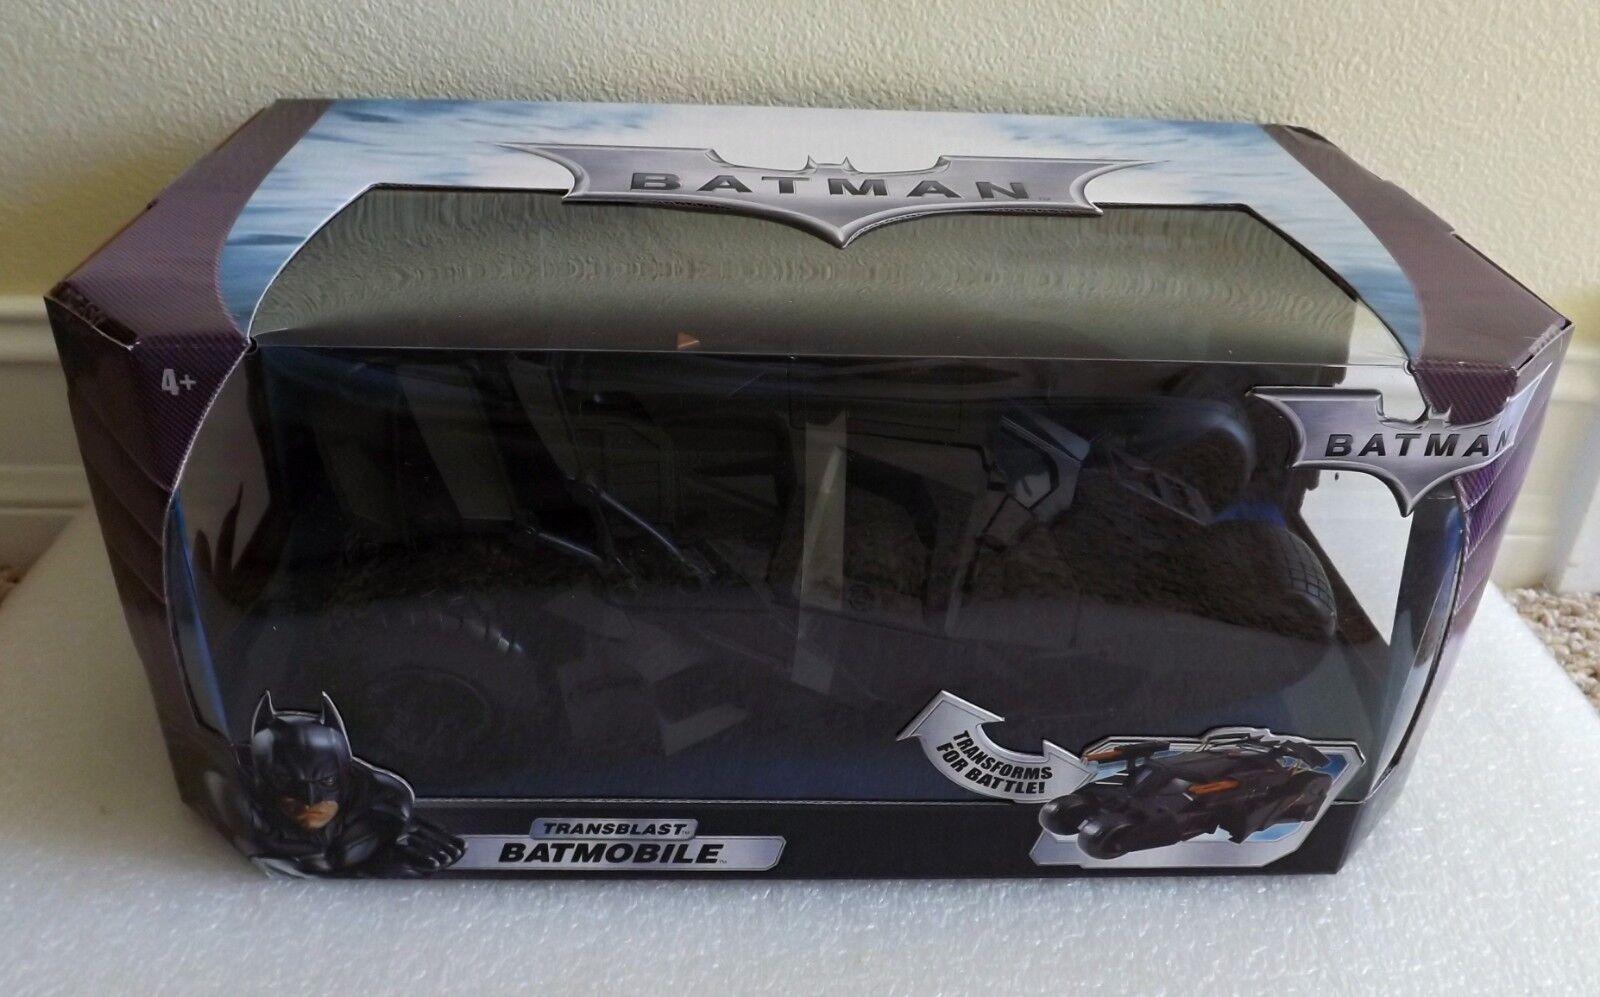 Mattel dc comics batman transblast batmobil tumbler new in box ausgezeichnet